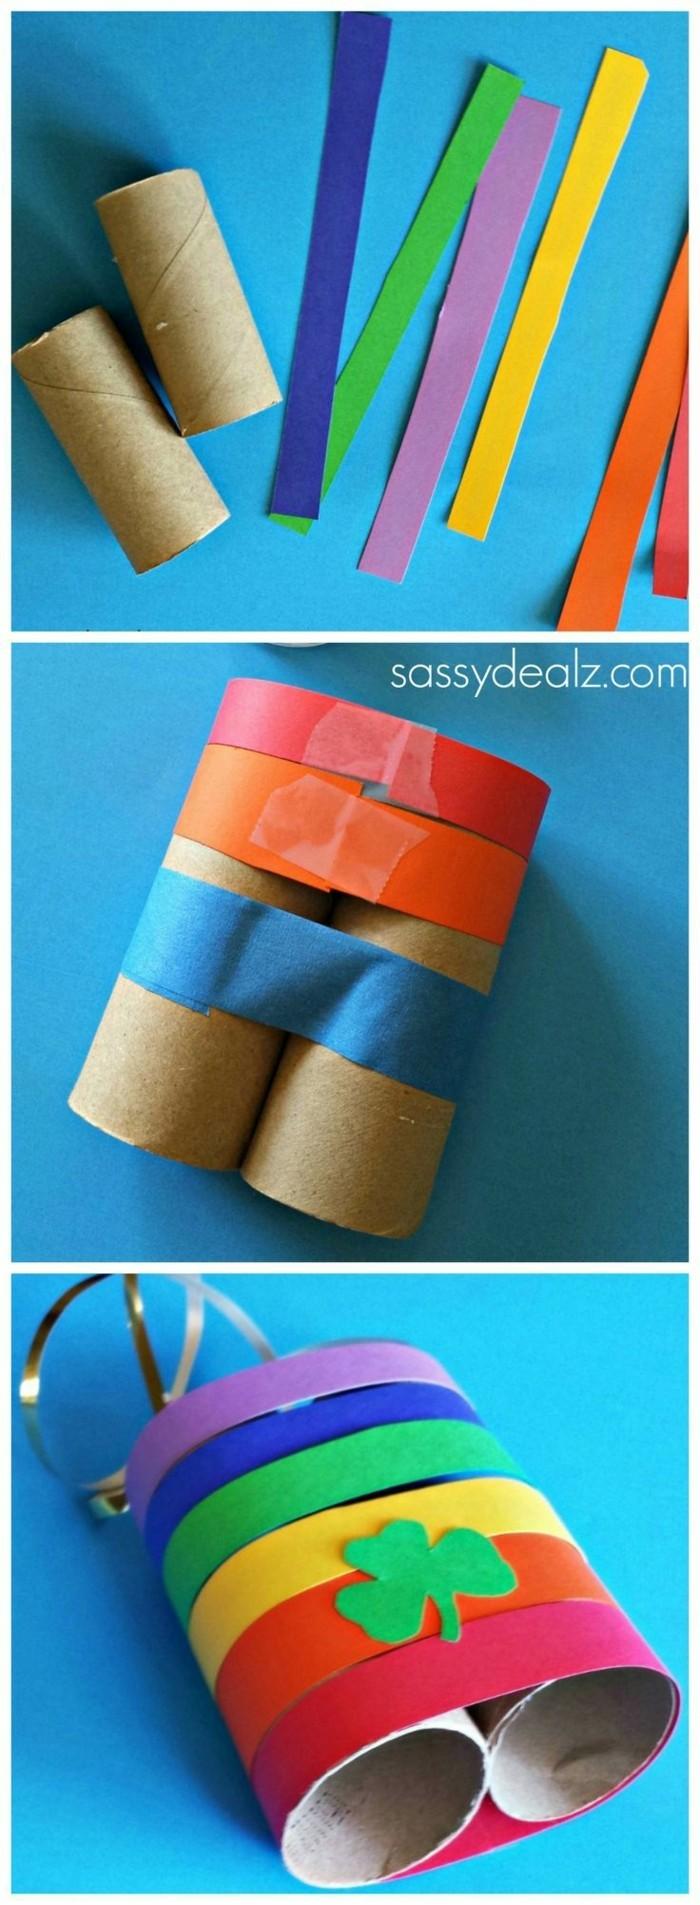 herbstbasteln mit kindern herbstdeko selber machen basteln mit klopapierrollen fernglas